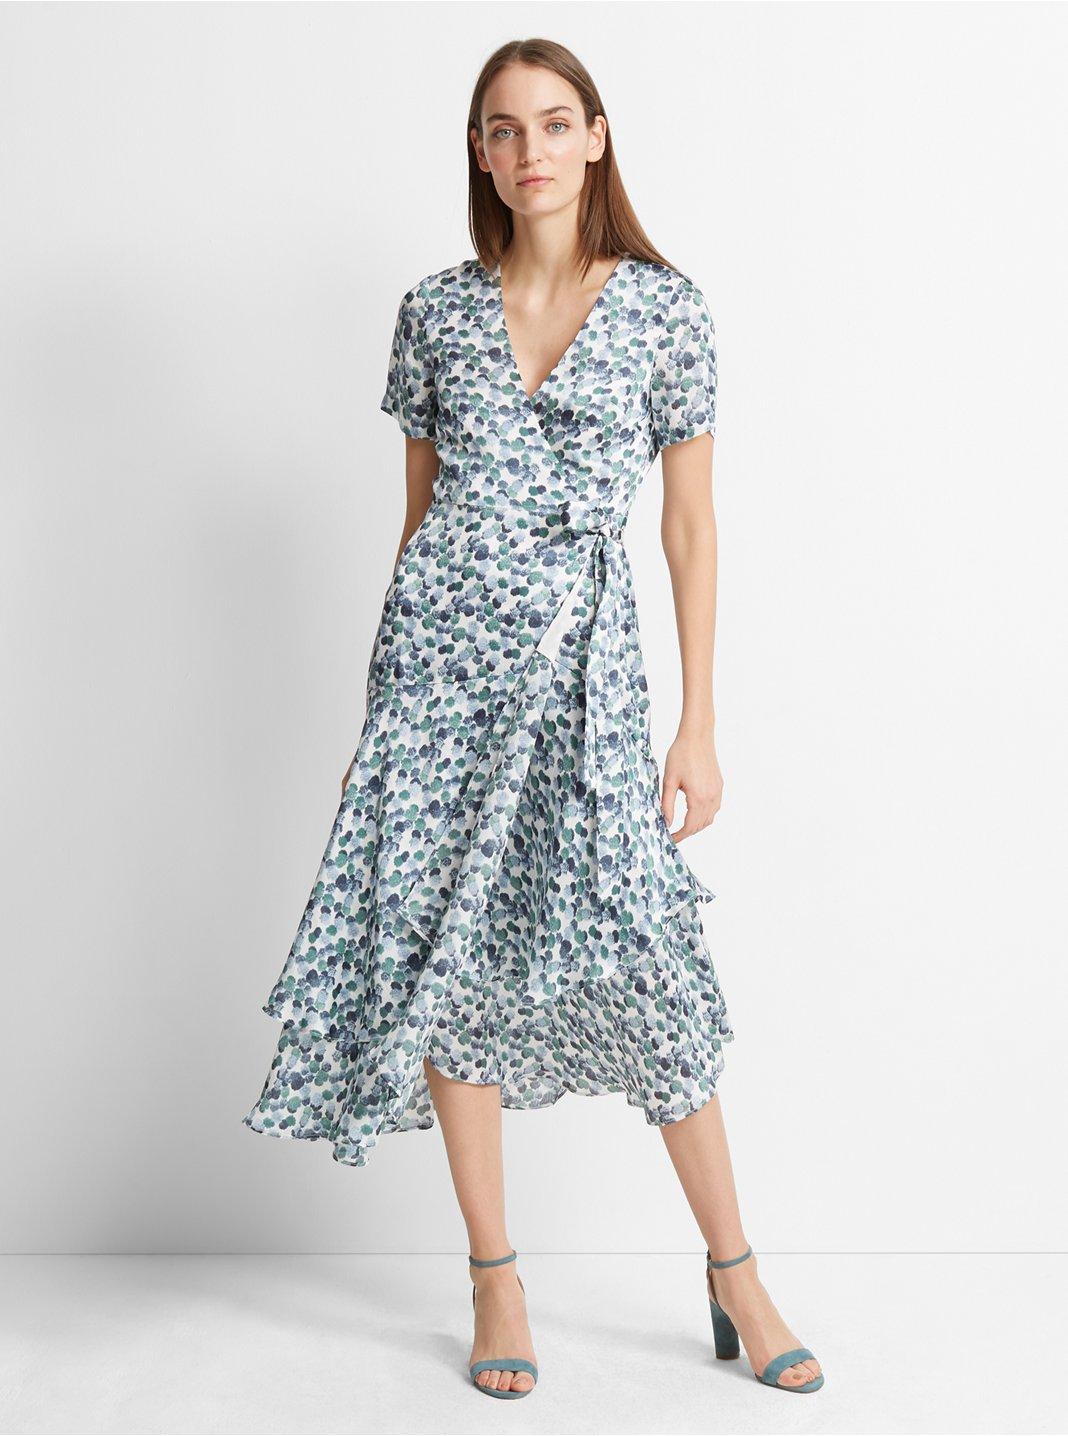 Zaydie Dress